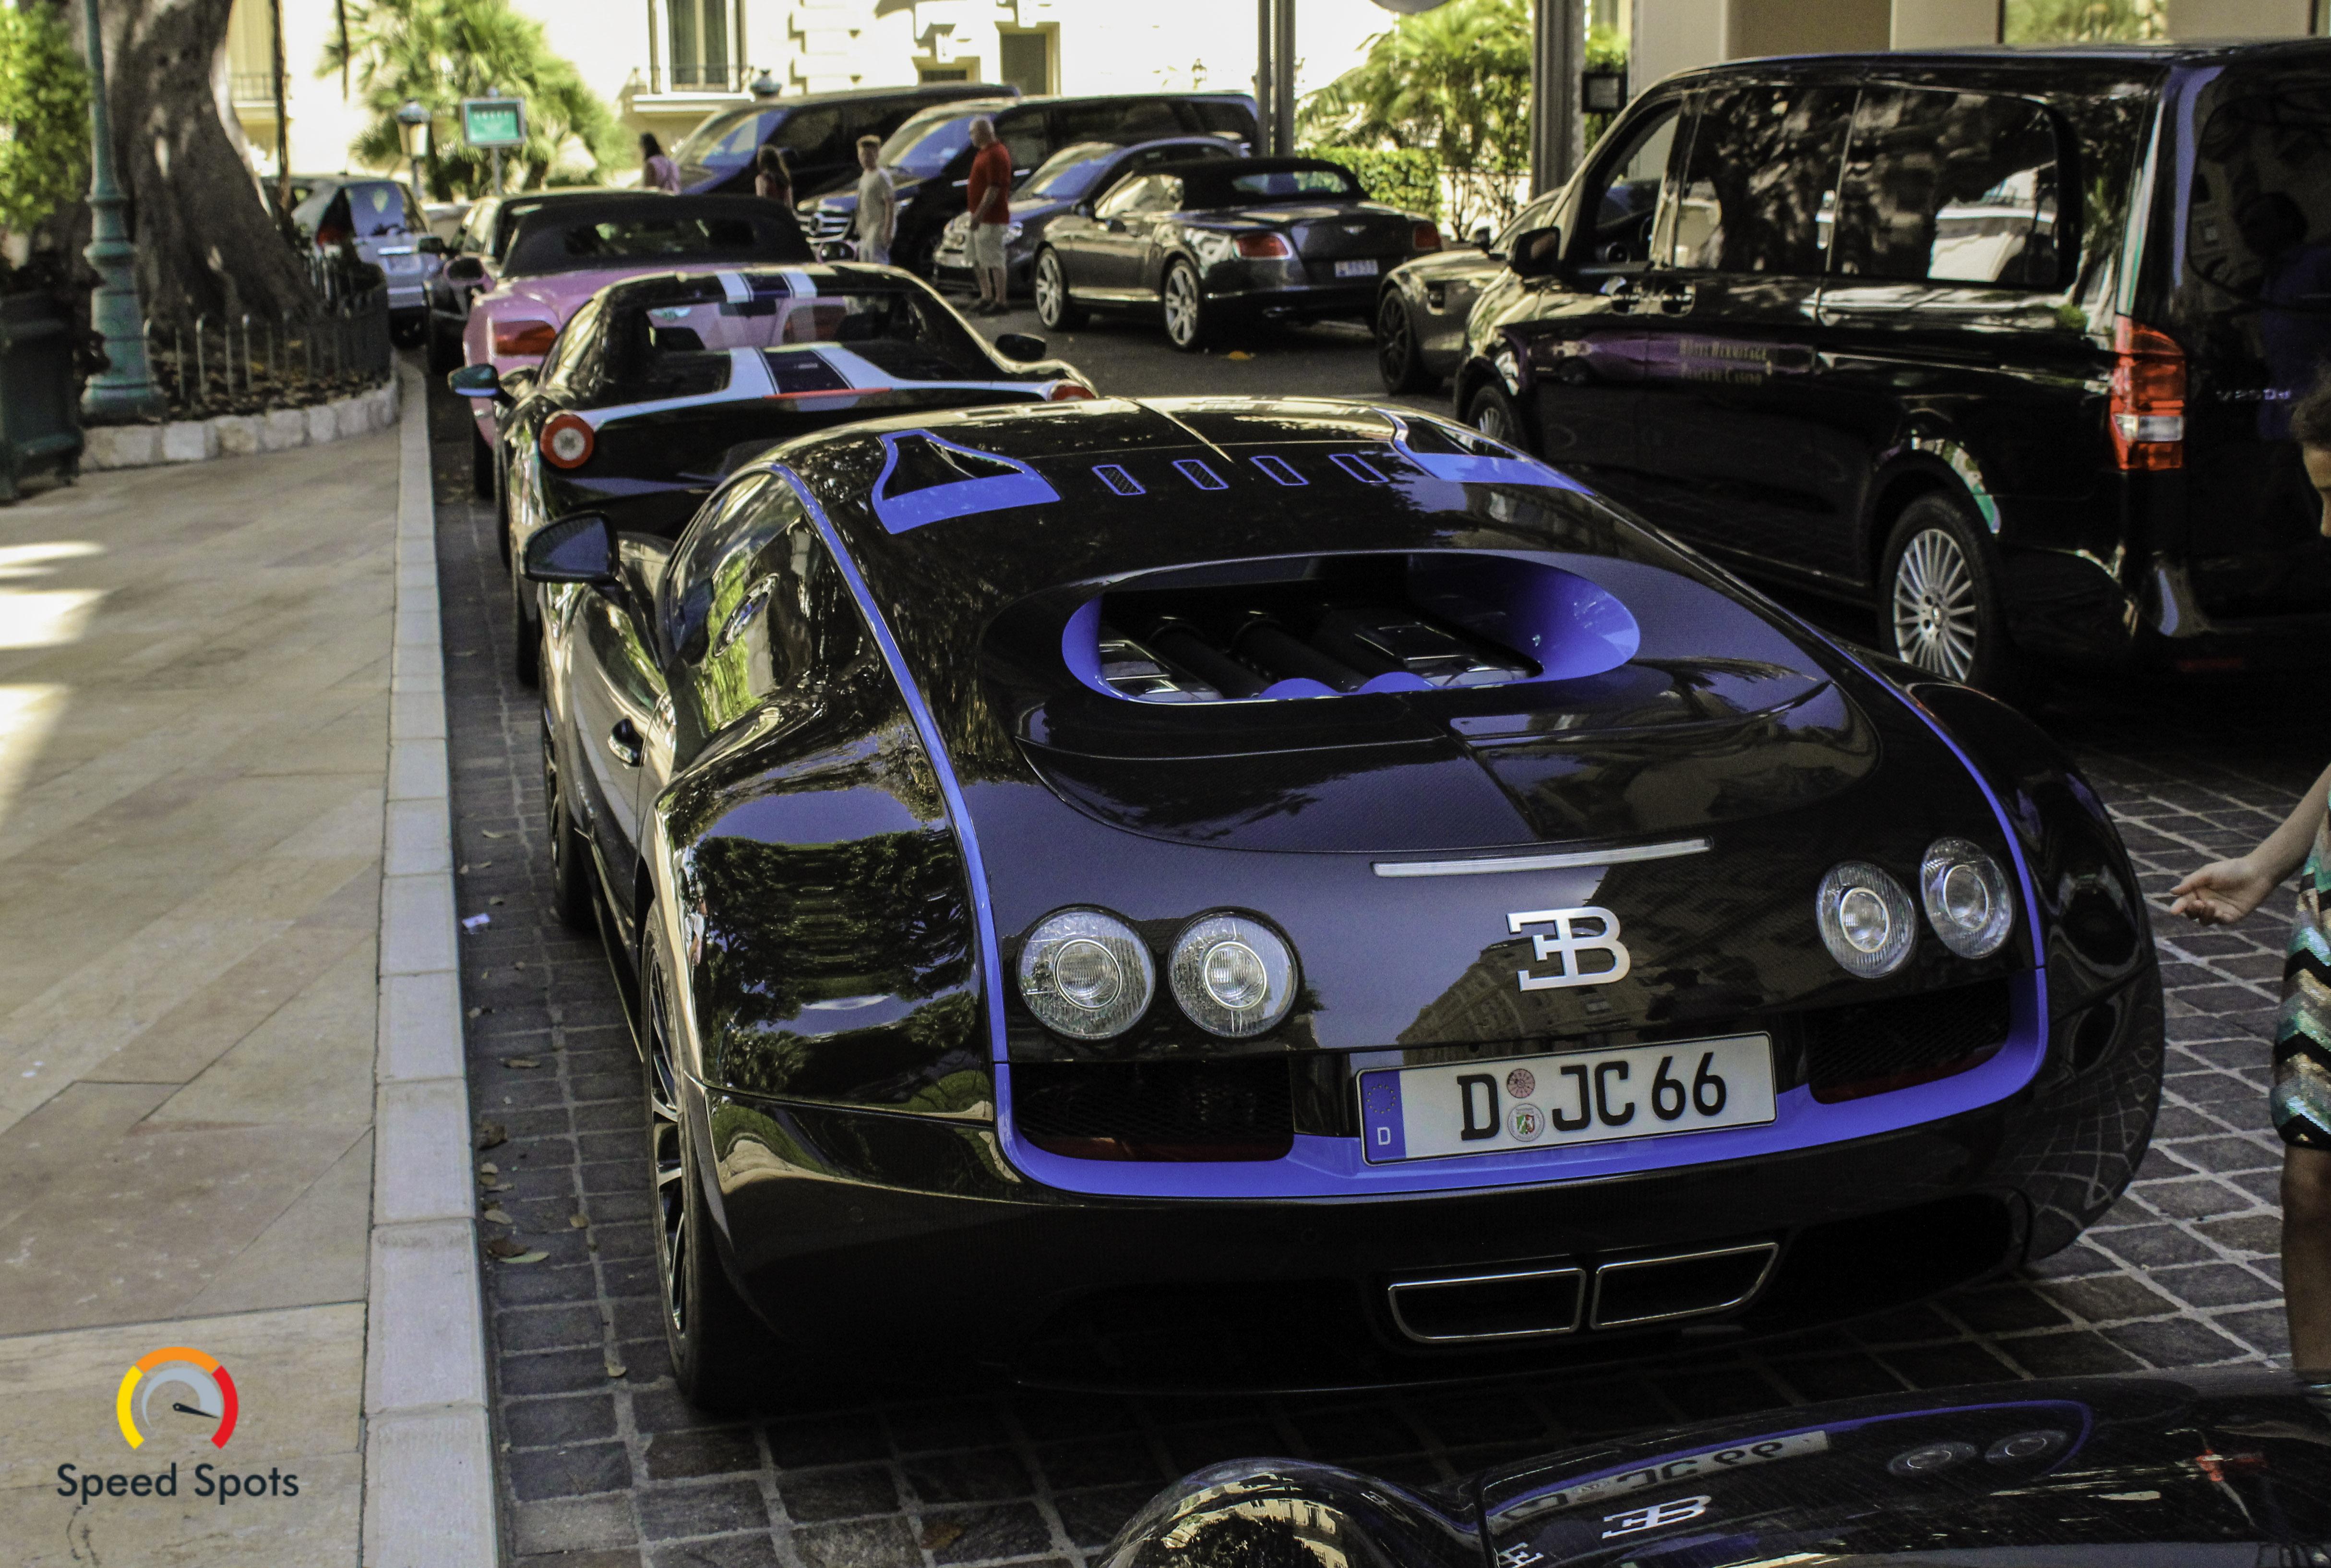 Gespot: One off Bugatti Veyron Super Sport Edition Merveilleux